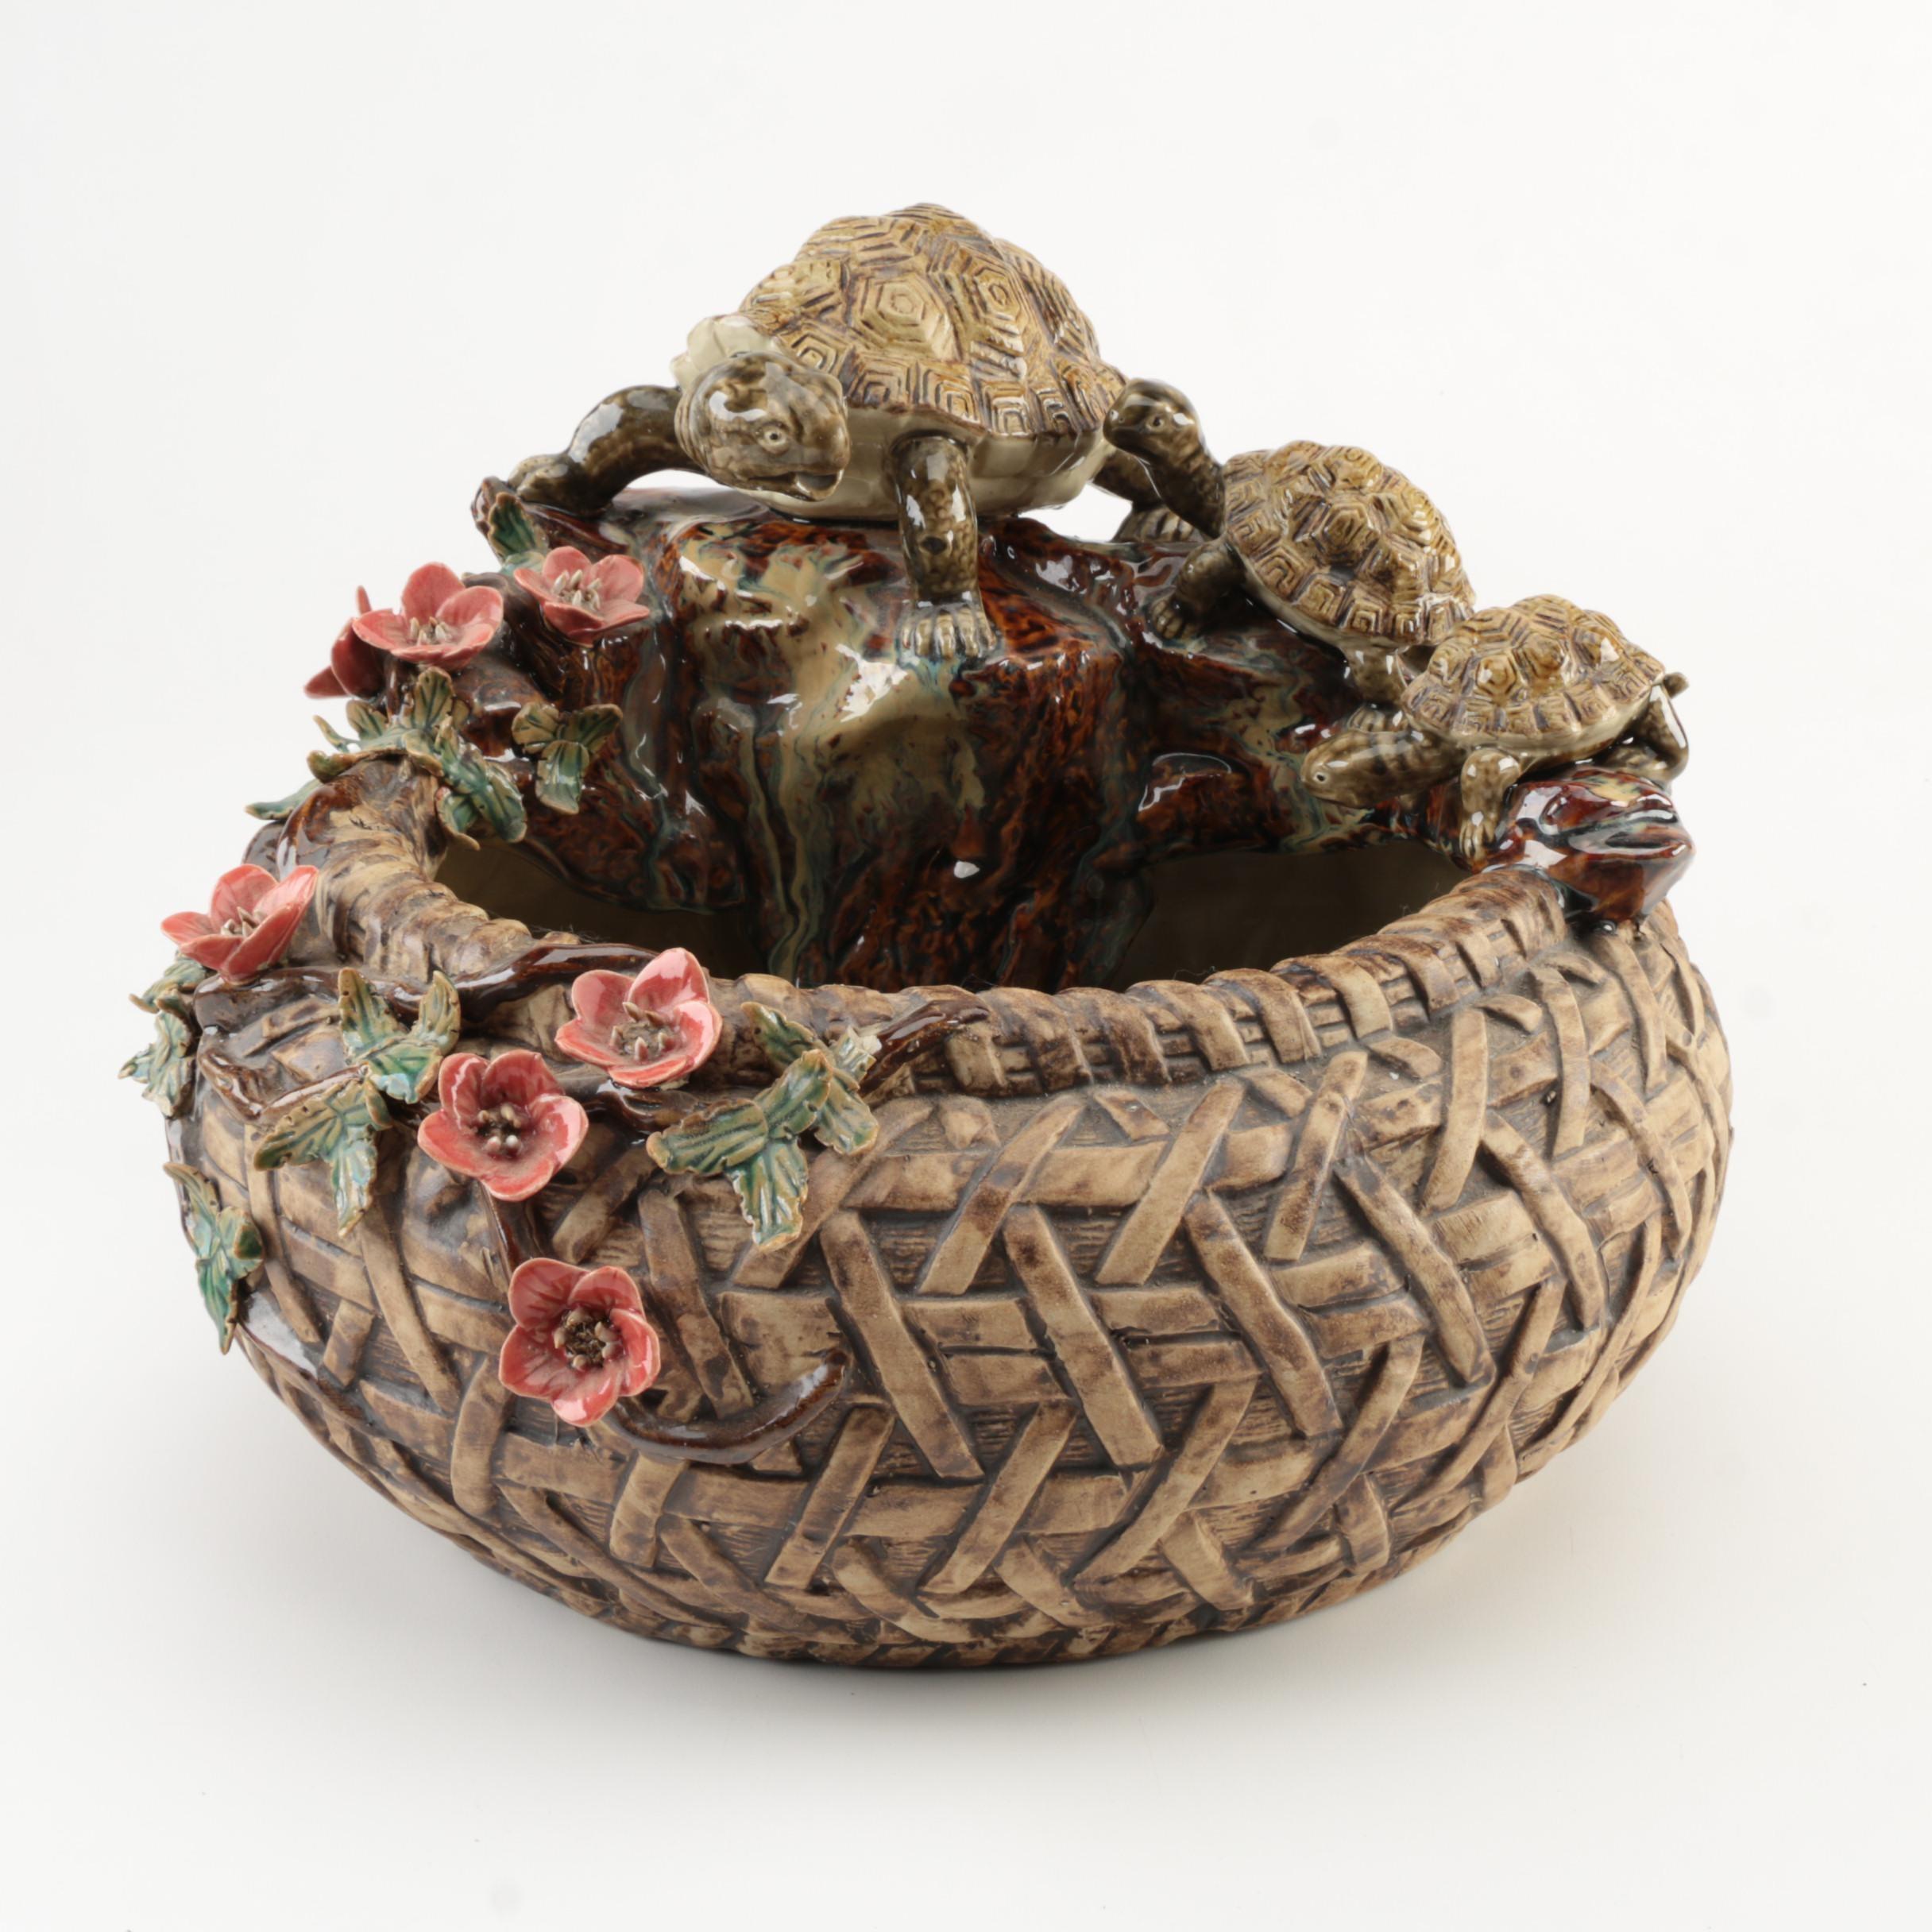 Ceramic Turtle Fountain